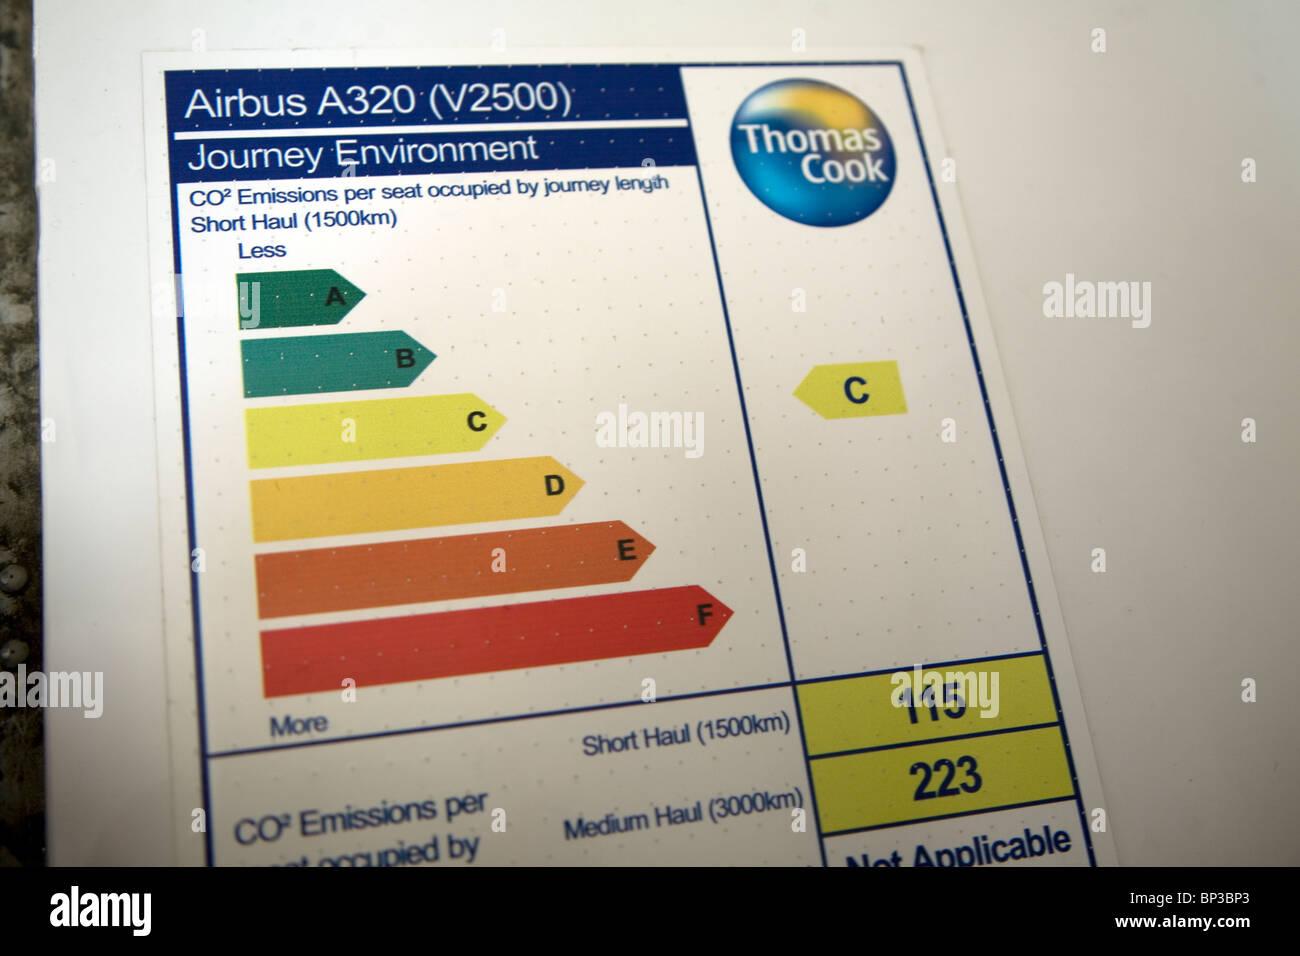 Il piano delle emissioni di biossido di carbonio diagramma Airbus A320 Immagini Stock